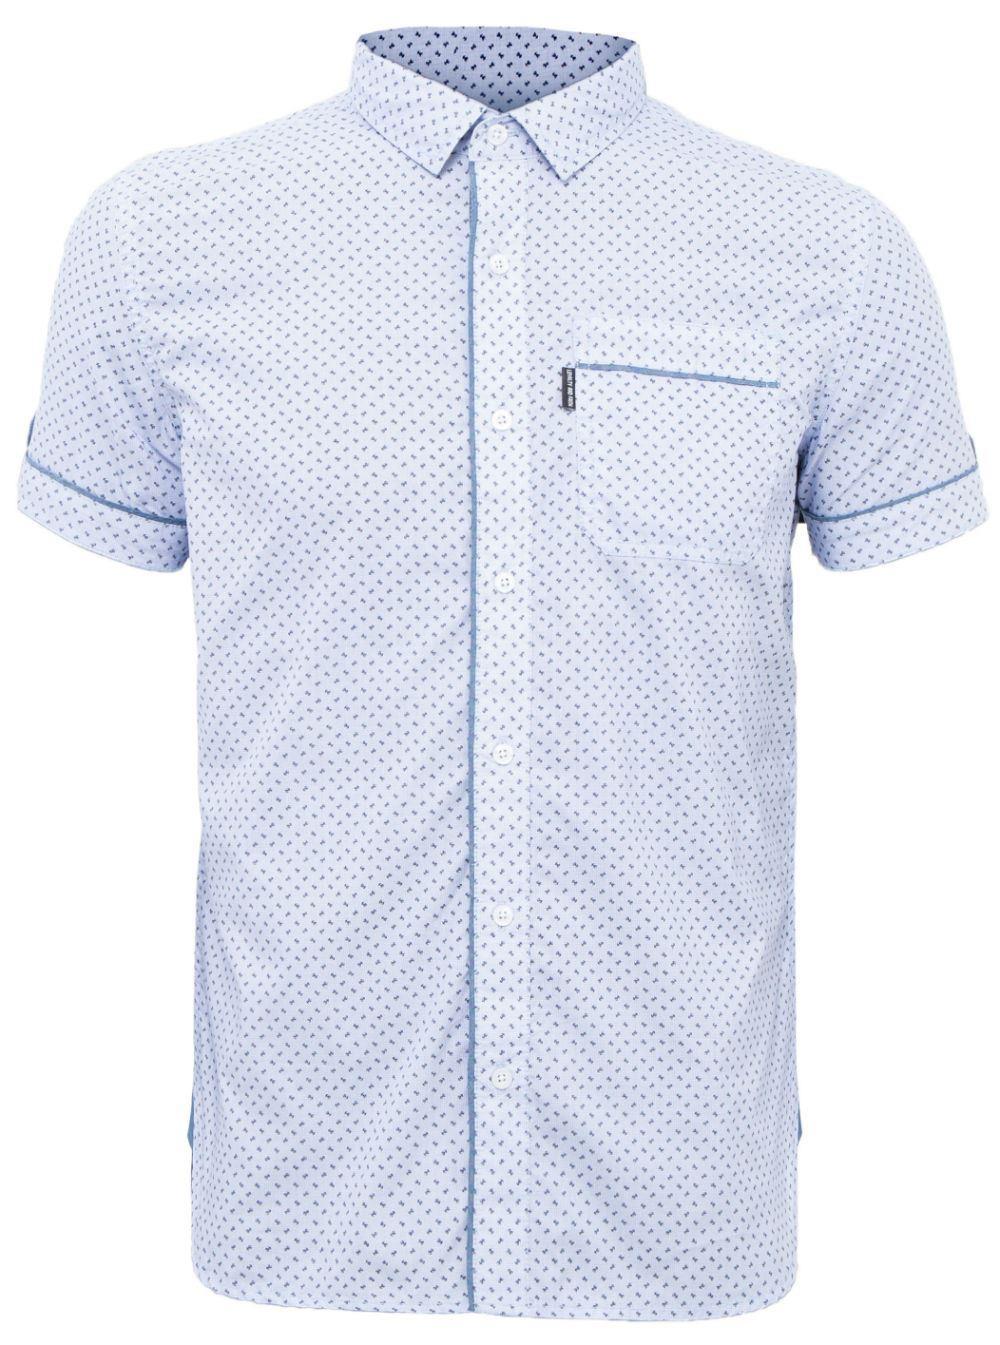 Loyalty & Faith Rodeo Shirt - Blue|2XL